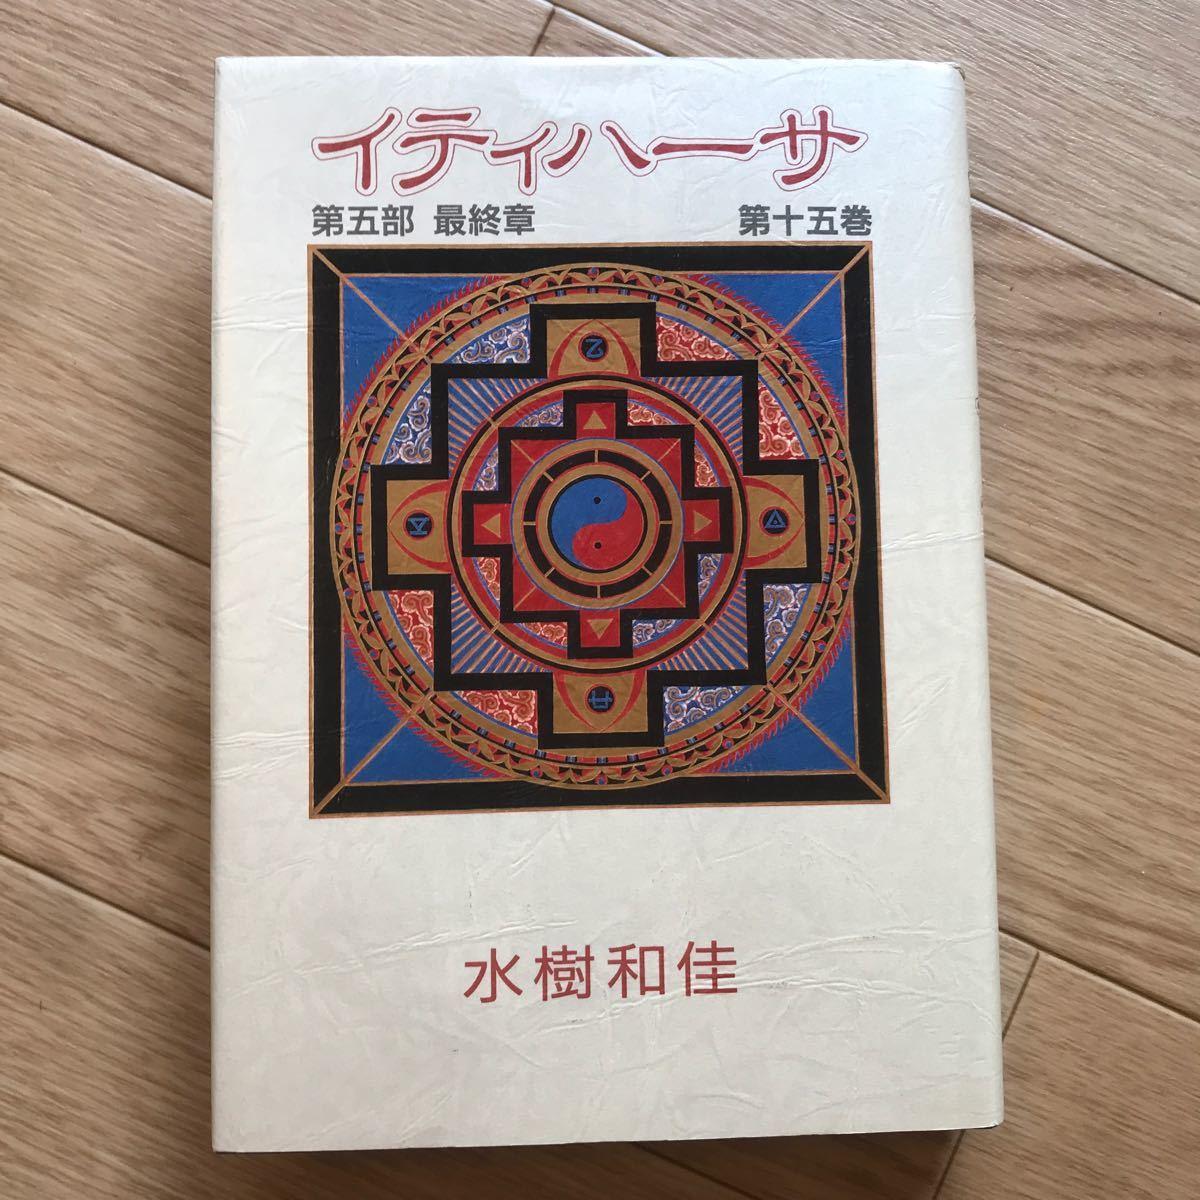 イティハーサ 豪華版 全巻セット